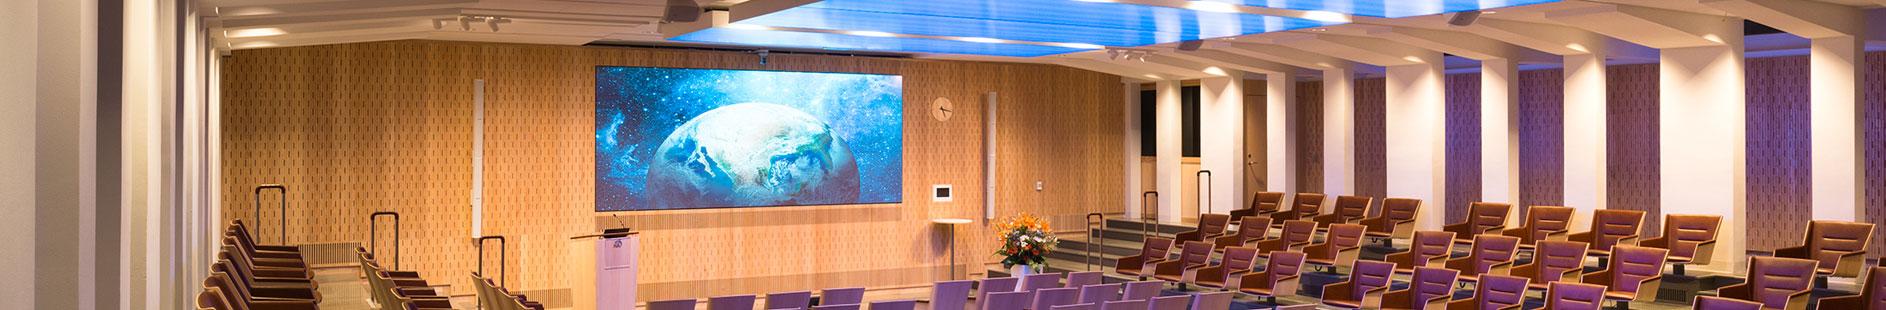 IVA Konferenscenter   Konferensanläggningar.se